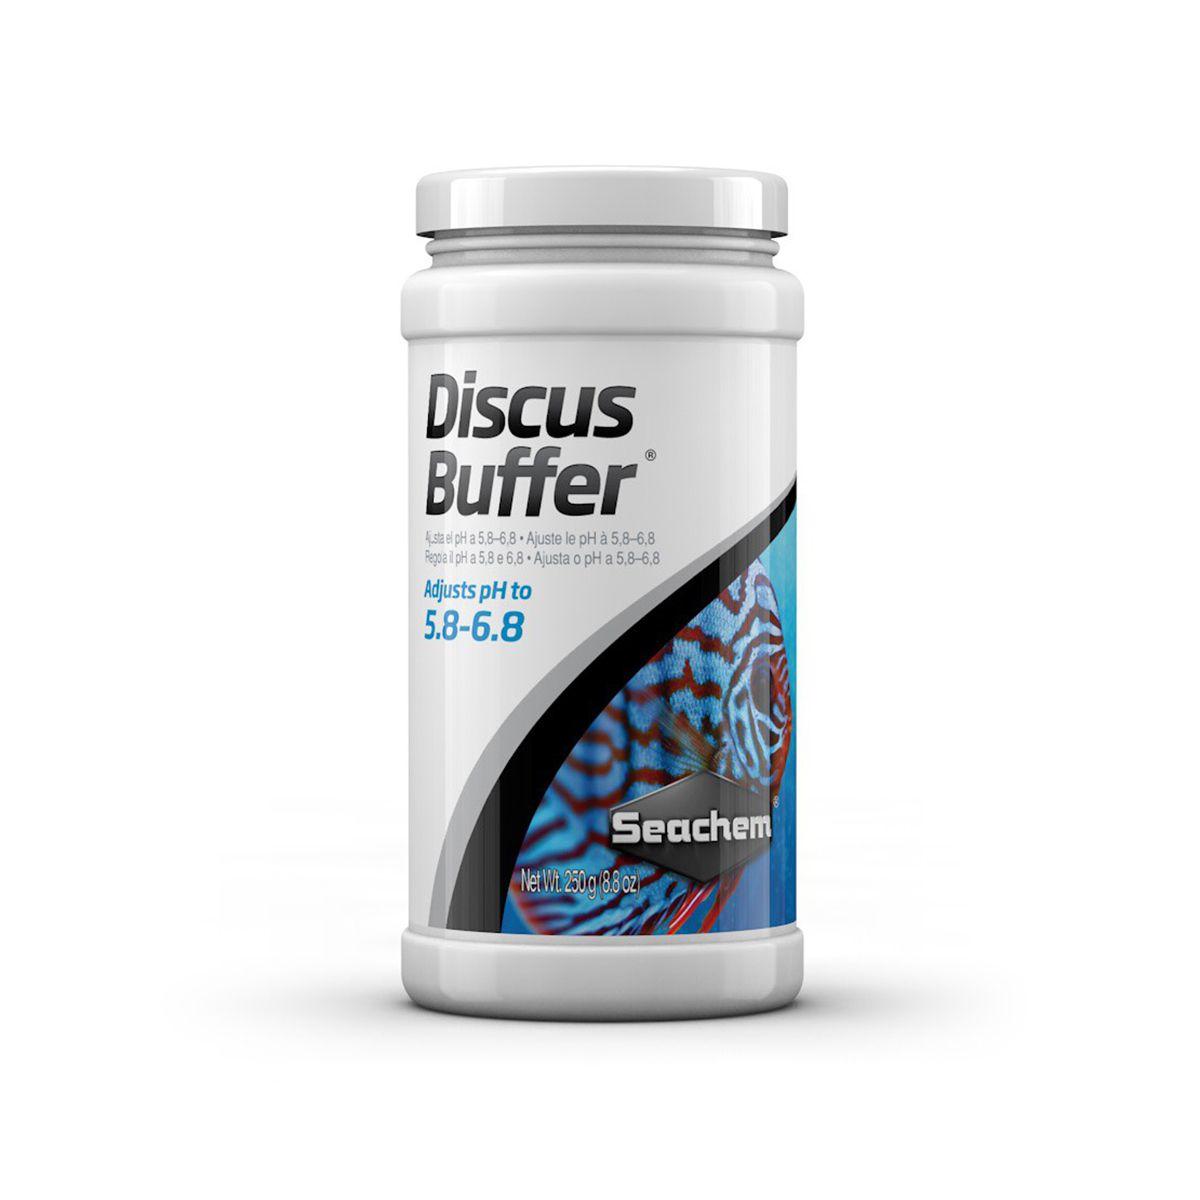 Acidificante para Discos SEACHEM DISCUS BUFFER 50G